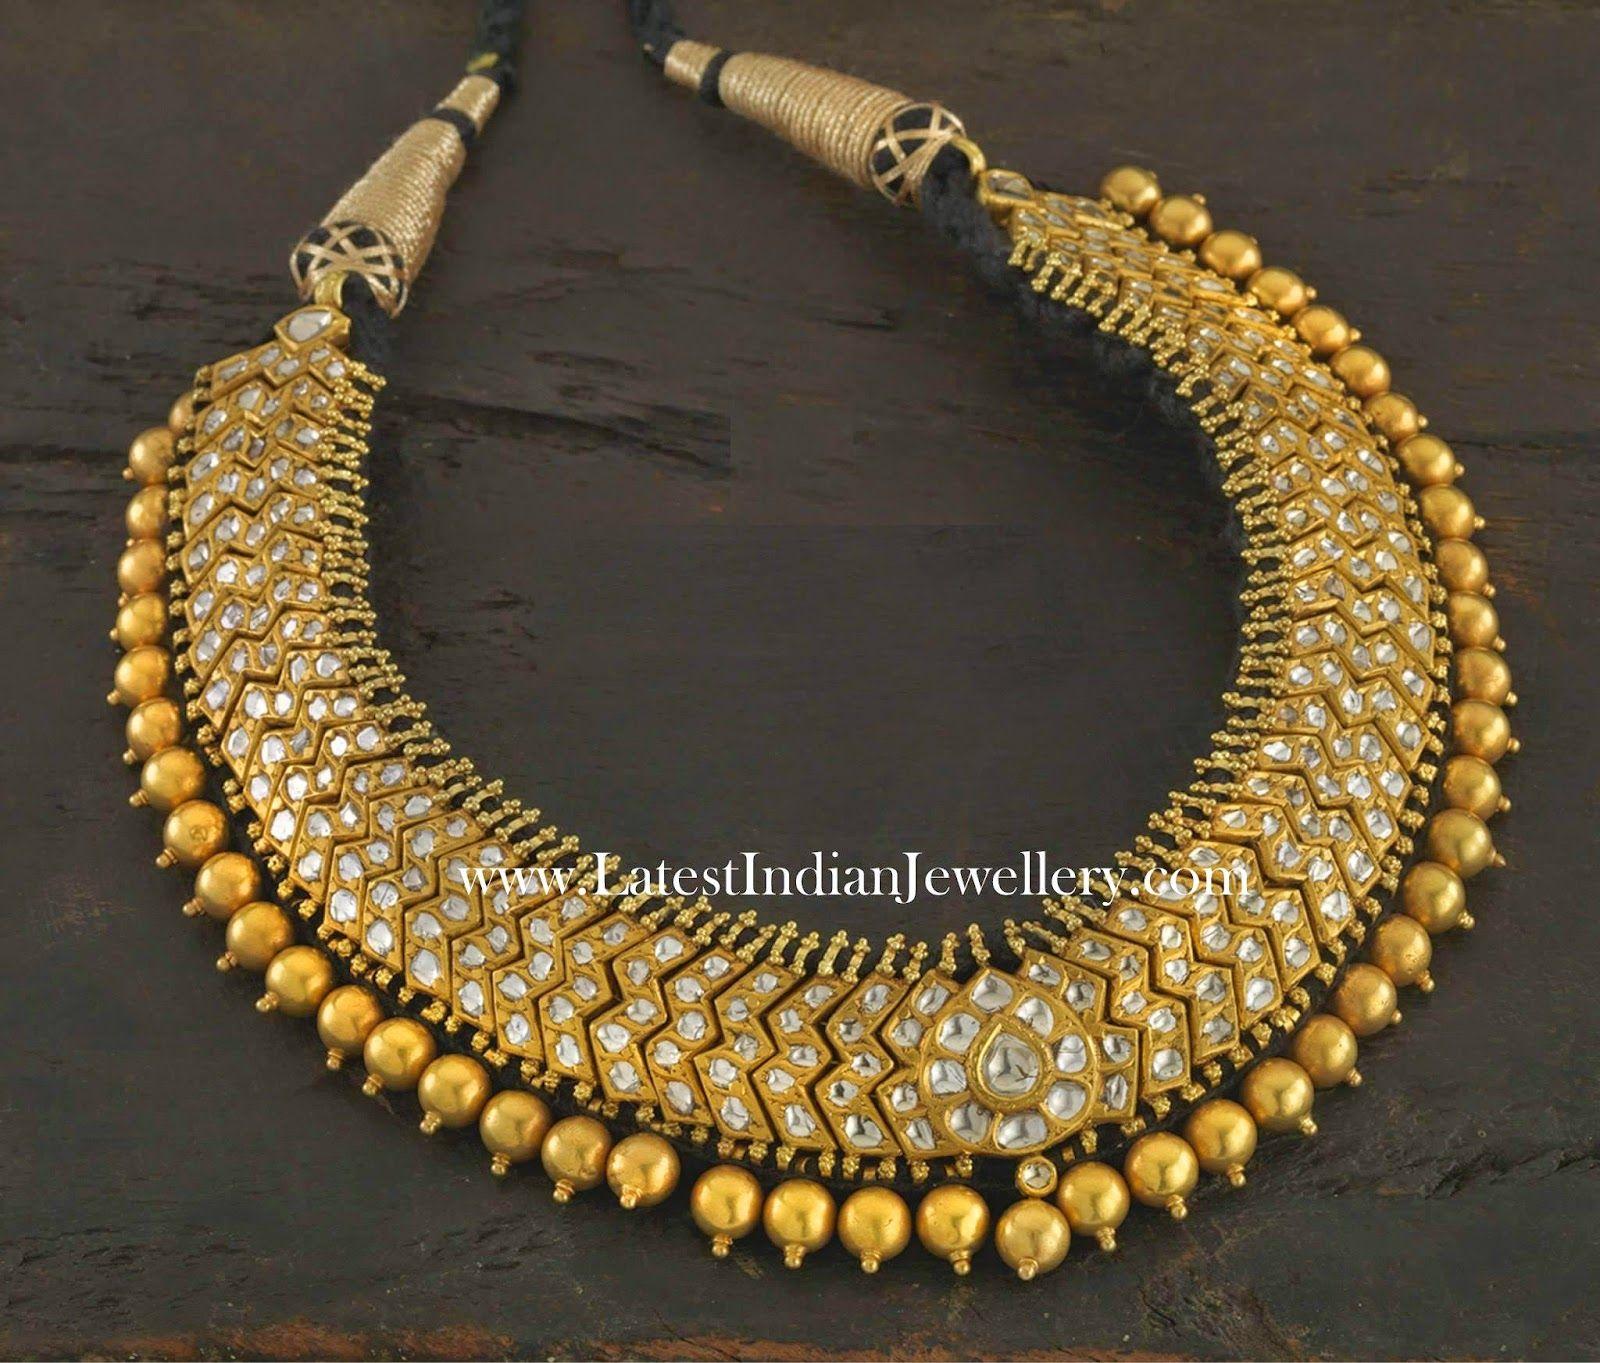 A statement necklace Stunning Desire Pinterest Statement